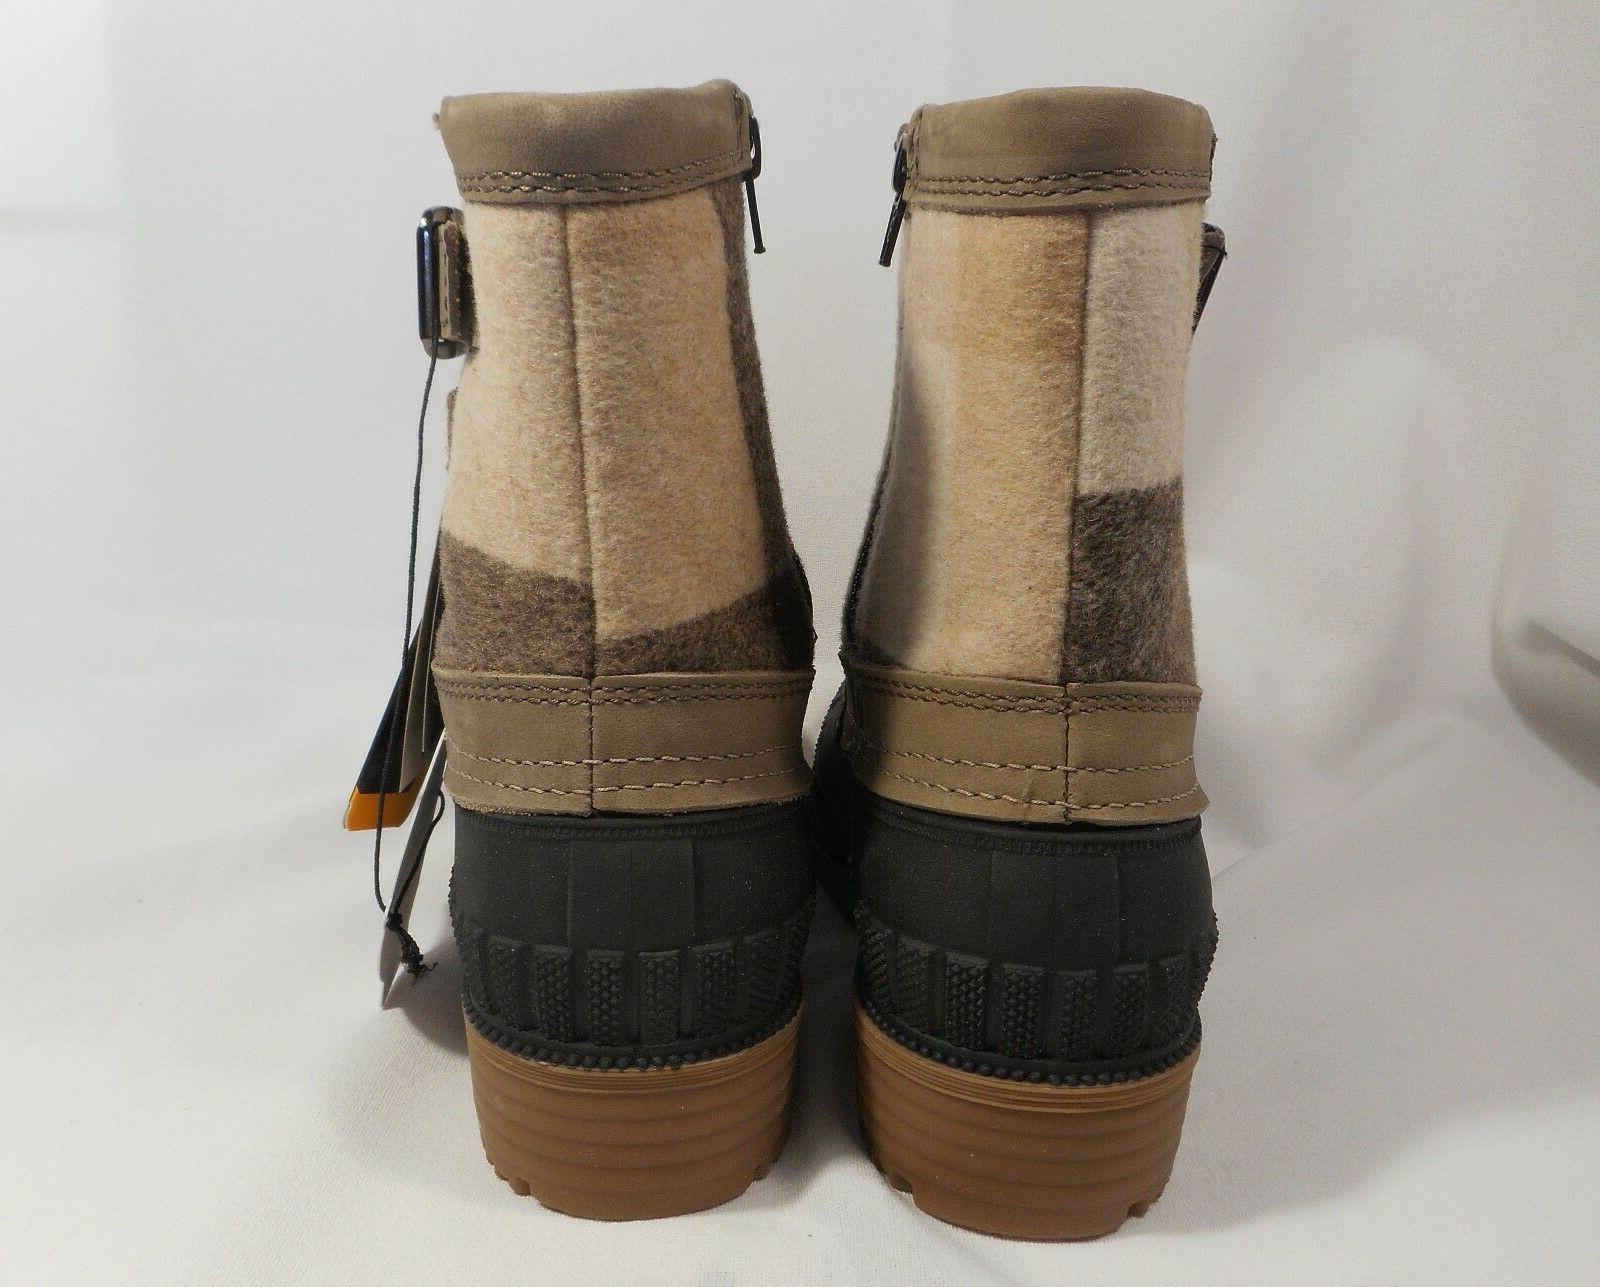 Kamik Boots Waterproof Lightweight 7 Rt. $110